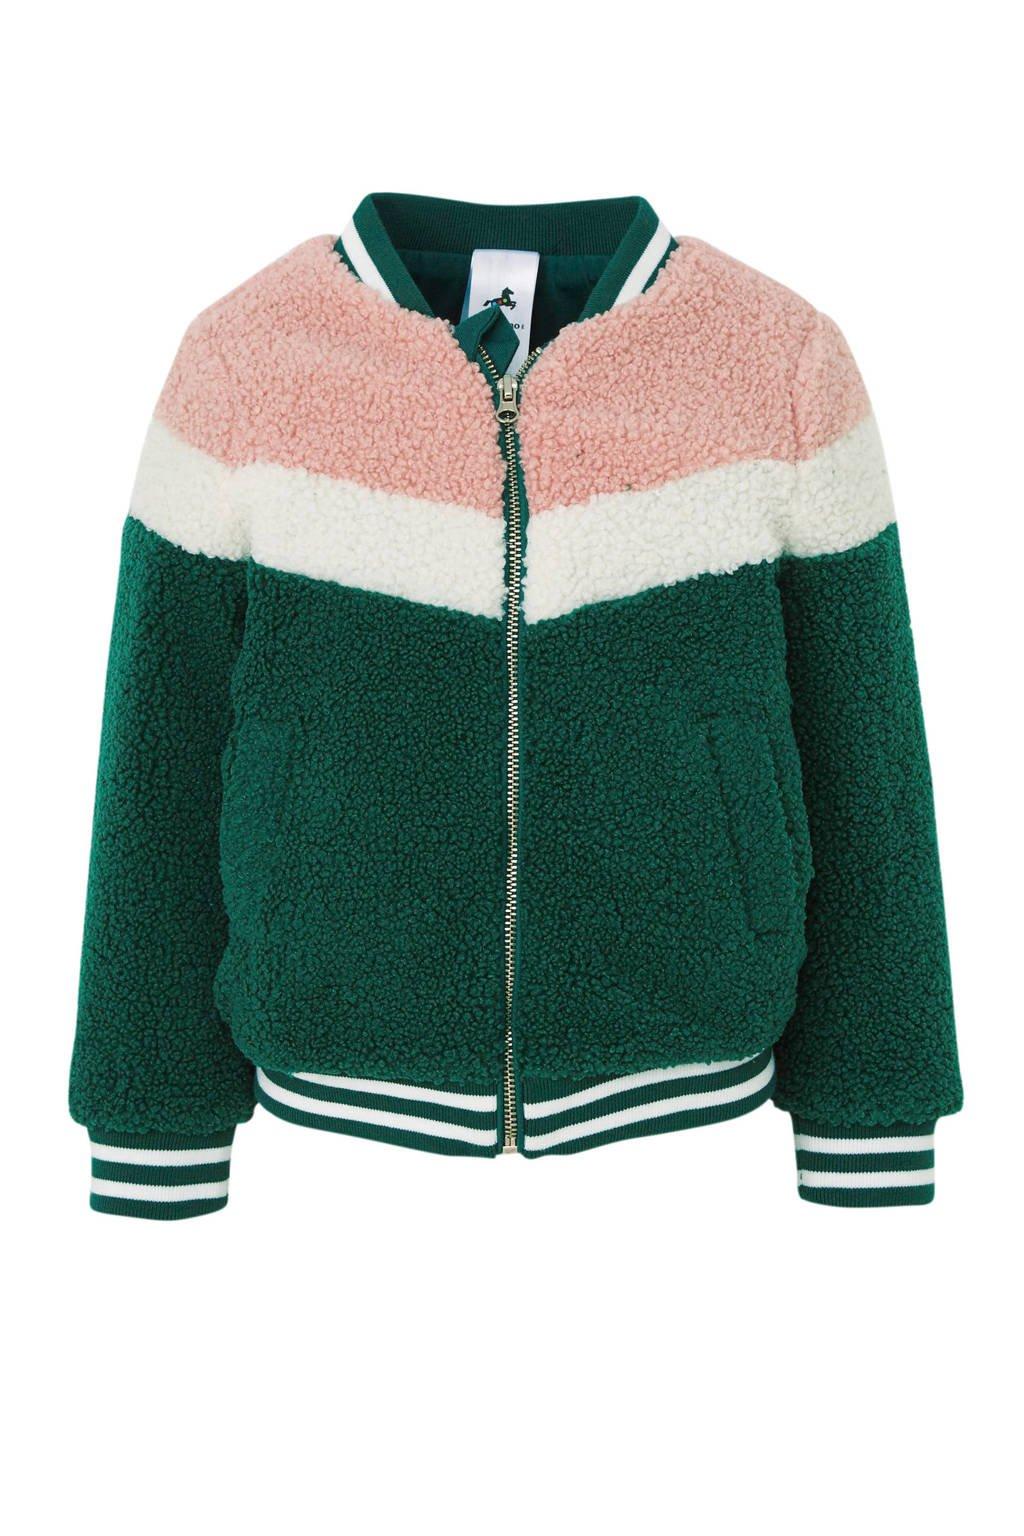 C&A Palomino teddy vest groen/wit/oudroze, Groen/wit/oudroze